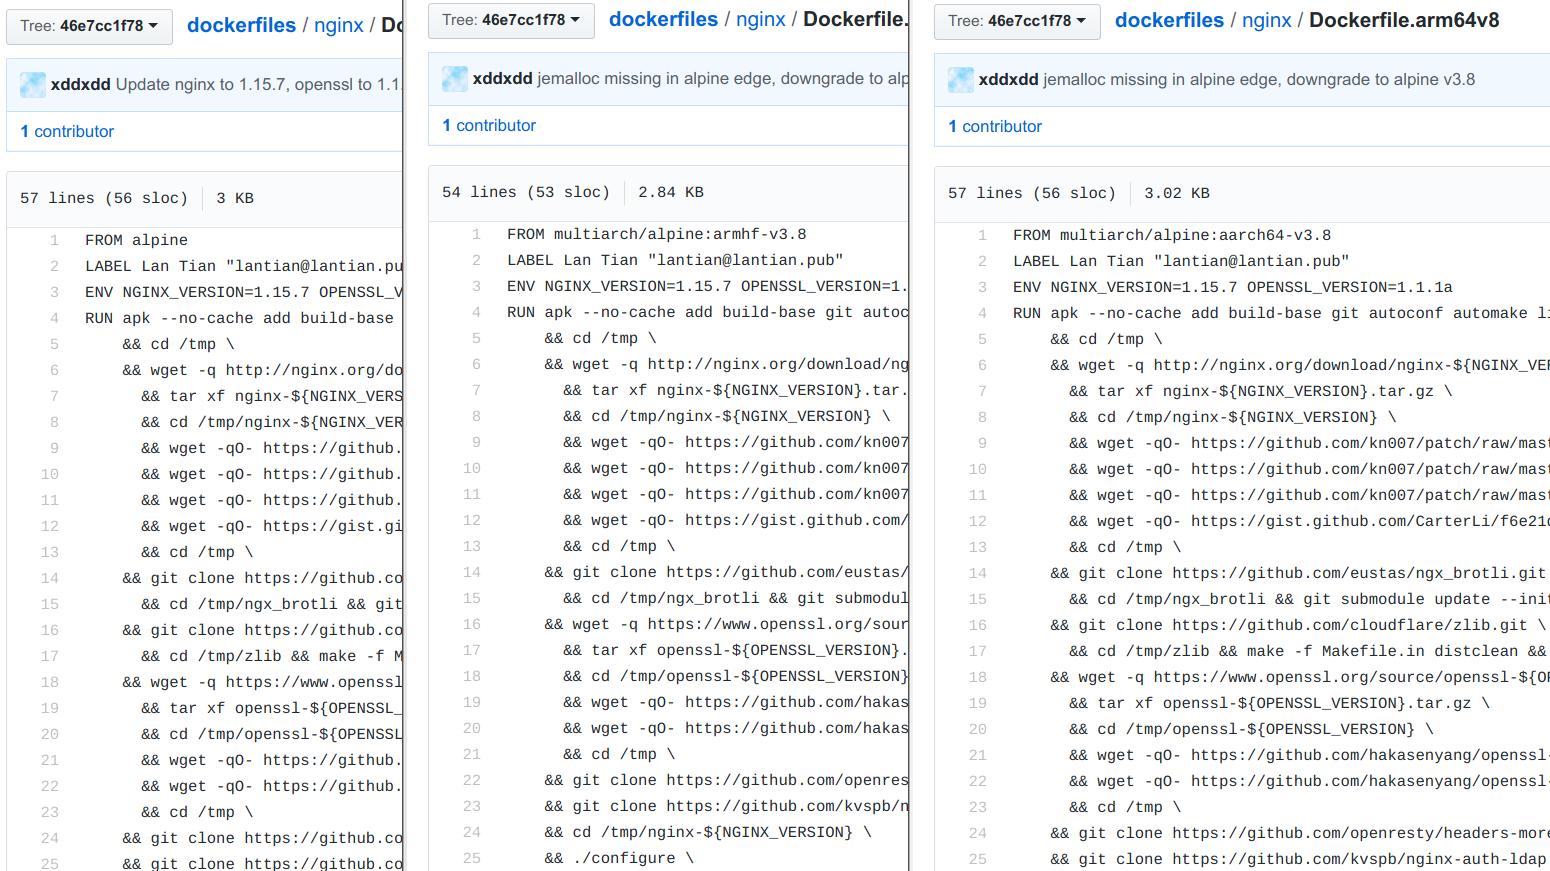 每个架构都有一个独立的 Dockerfile